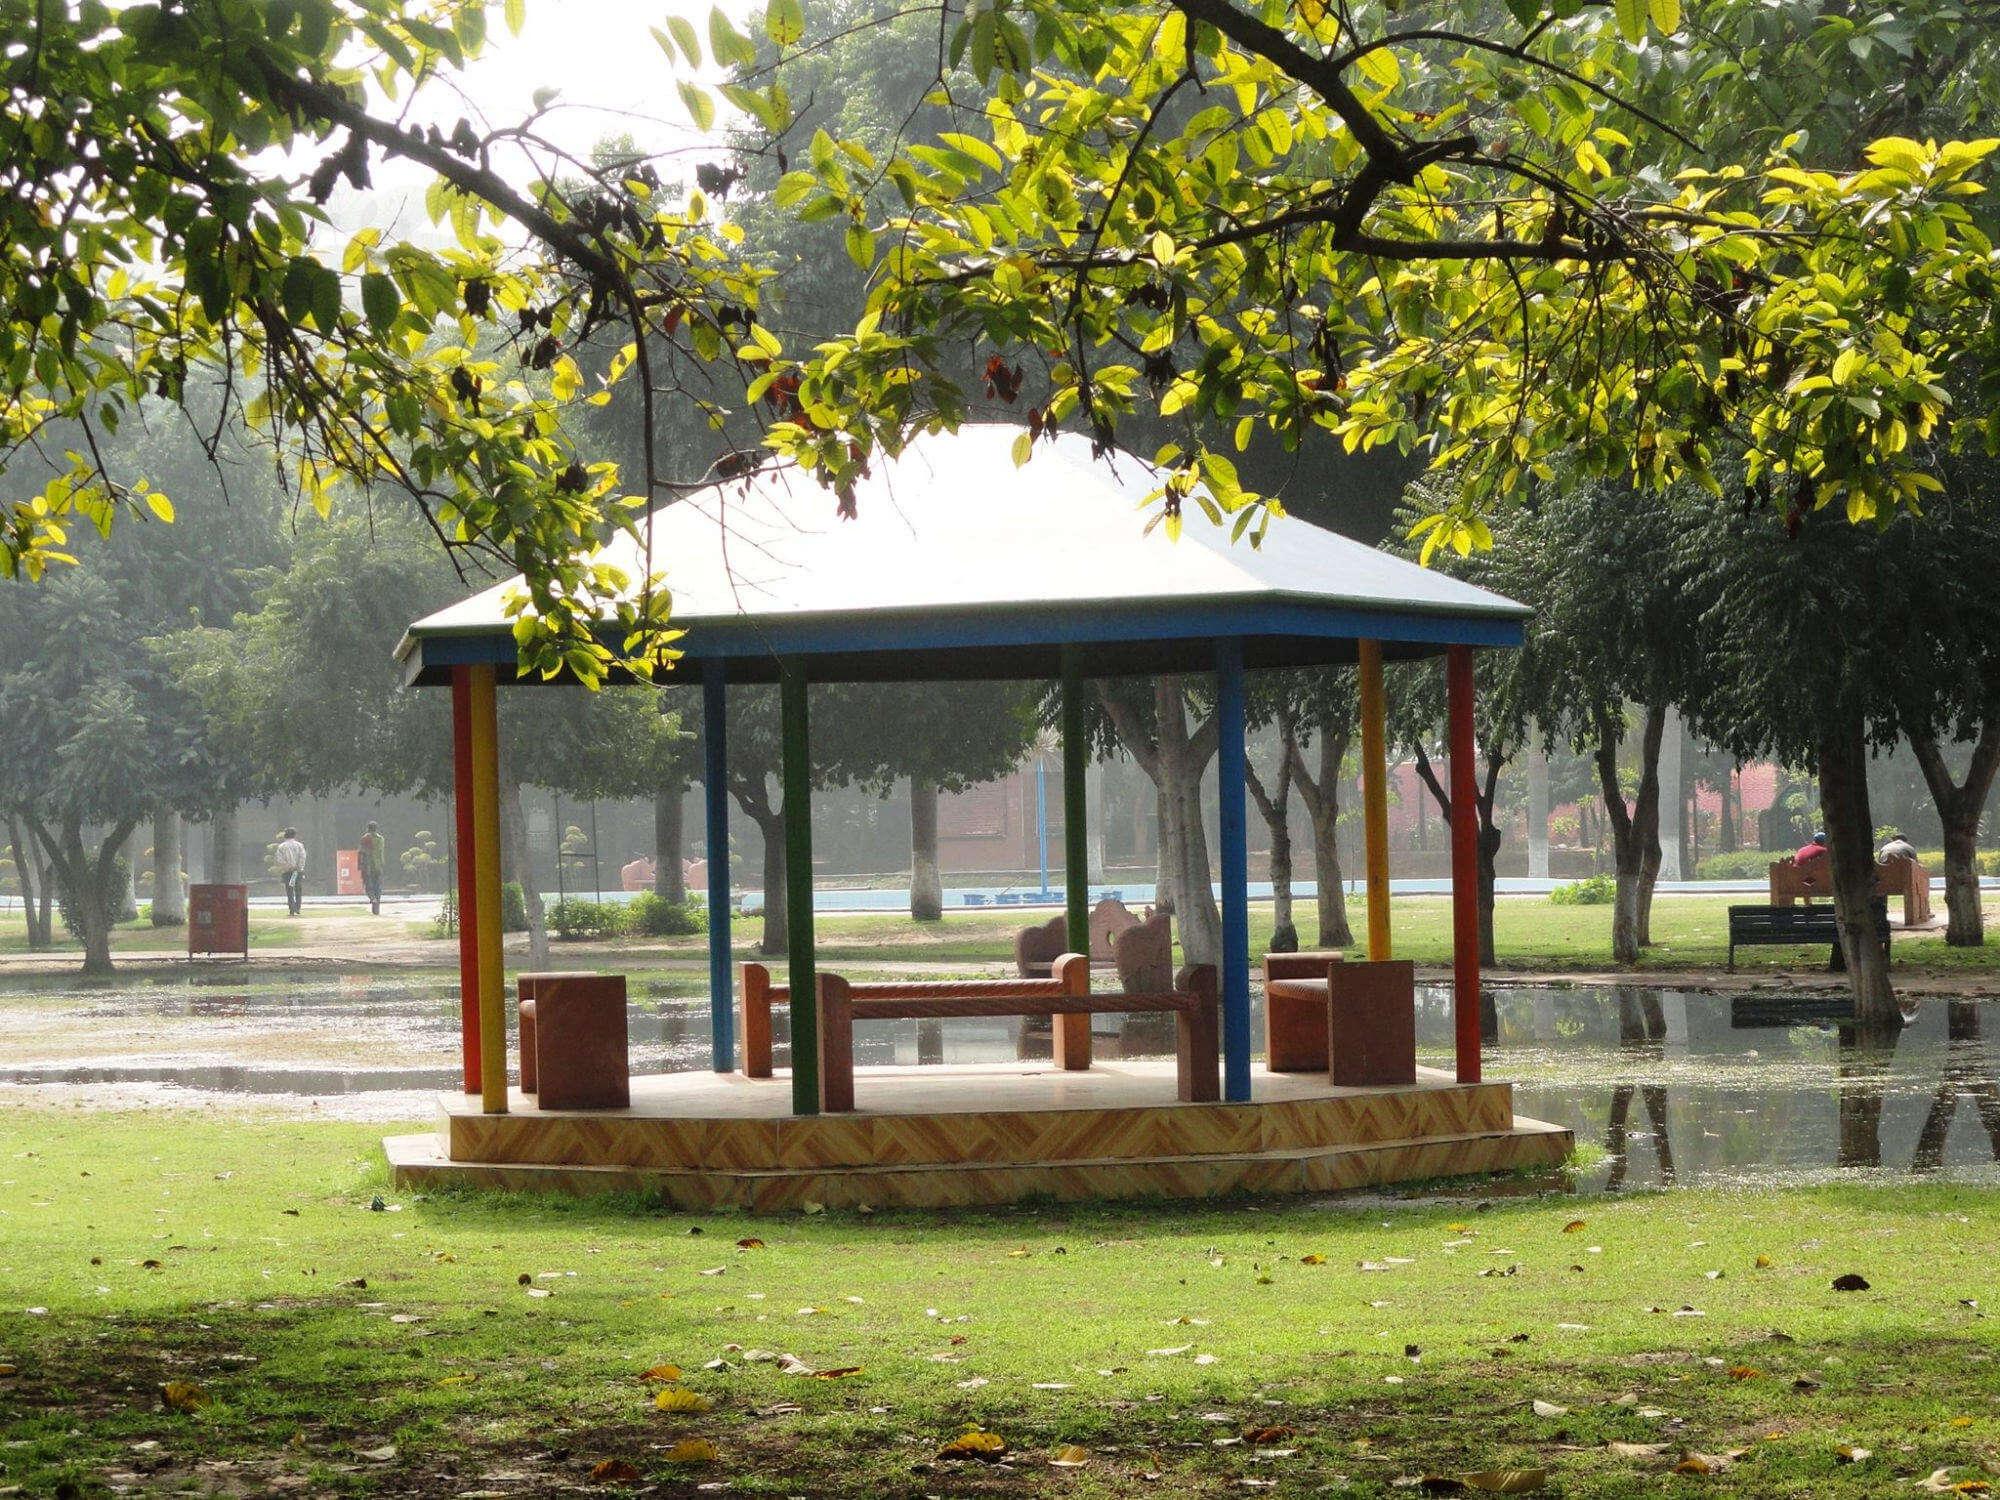 Leisue valley park in gurgaon